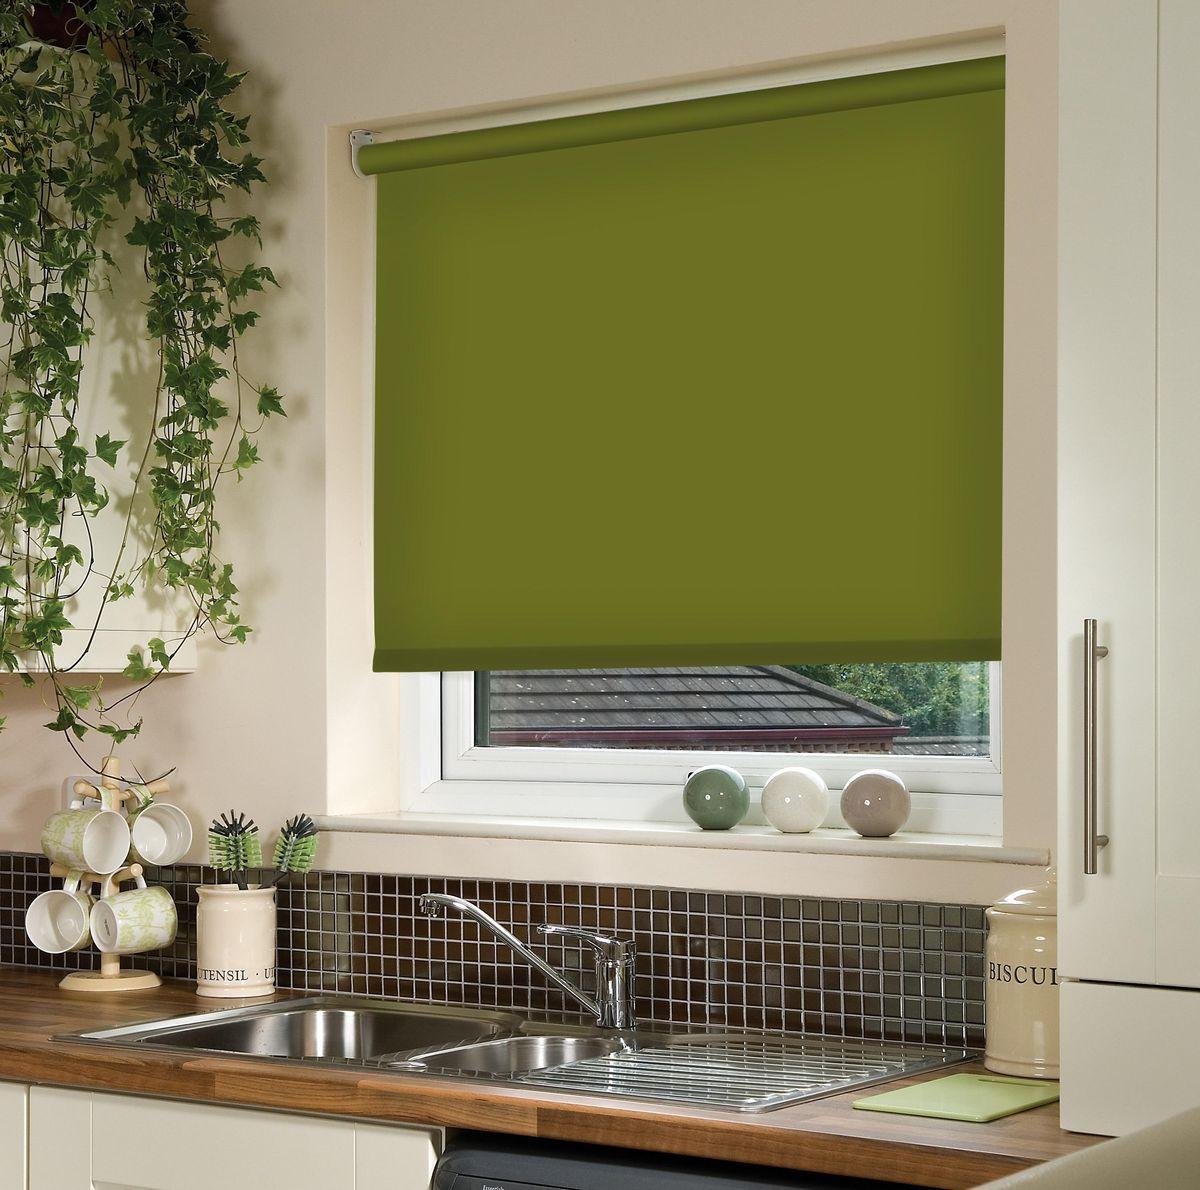 Штора рулонная Эскар, цвет: темно-оливковый, ширина 150 см, высота 170 смGC204/30Рулонными шторами можно оформлять окна как самостоятельно, так и использовать в комбинации с портьерами. Это поможет предотвратить выгорание дорогой ткани на солнце и соединит функционал рулонных с красотой навесных.Преимущества применения рулонных штор для пластиковых окон:- имеют прекрасный внешний вид: многообразие и фактурность материала изделия отлично смотрятся в любом интерьере; - многофункциональны: есть возможность подобрать шторы способные эффективно защитить комнату от солнца, при этом о на не будет слишком темной. - Есть возможность осуществить быстрый монтаж. ВНИМАНИЕ! Размеры ширины изделия указаны по ширине ткани!Во время эксплуатации не рекомендуется полностью разматывать рулон, чтобы не оторвать ткань от намоточного вала.В случае загрязнения поверхности ткани, чистку шторы проводят одним из способов, в зависимости от типа загрязнения: легкое поверхностное загрязнение можно удалить при помощи канцелярского ластика; чистка от пыли производится сухим методом при помощи пылесоса с мягкой щеткой-насадкой; для удаления пятна используйте мягкую губку с пенообразующим неагрессивным моющим средством или пятновыводитель на натуральной основе (нельзя применять растворители).